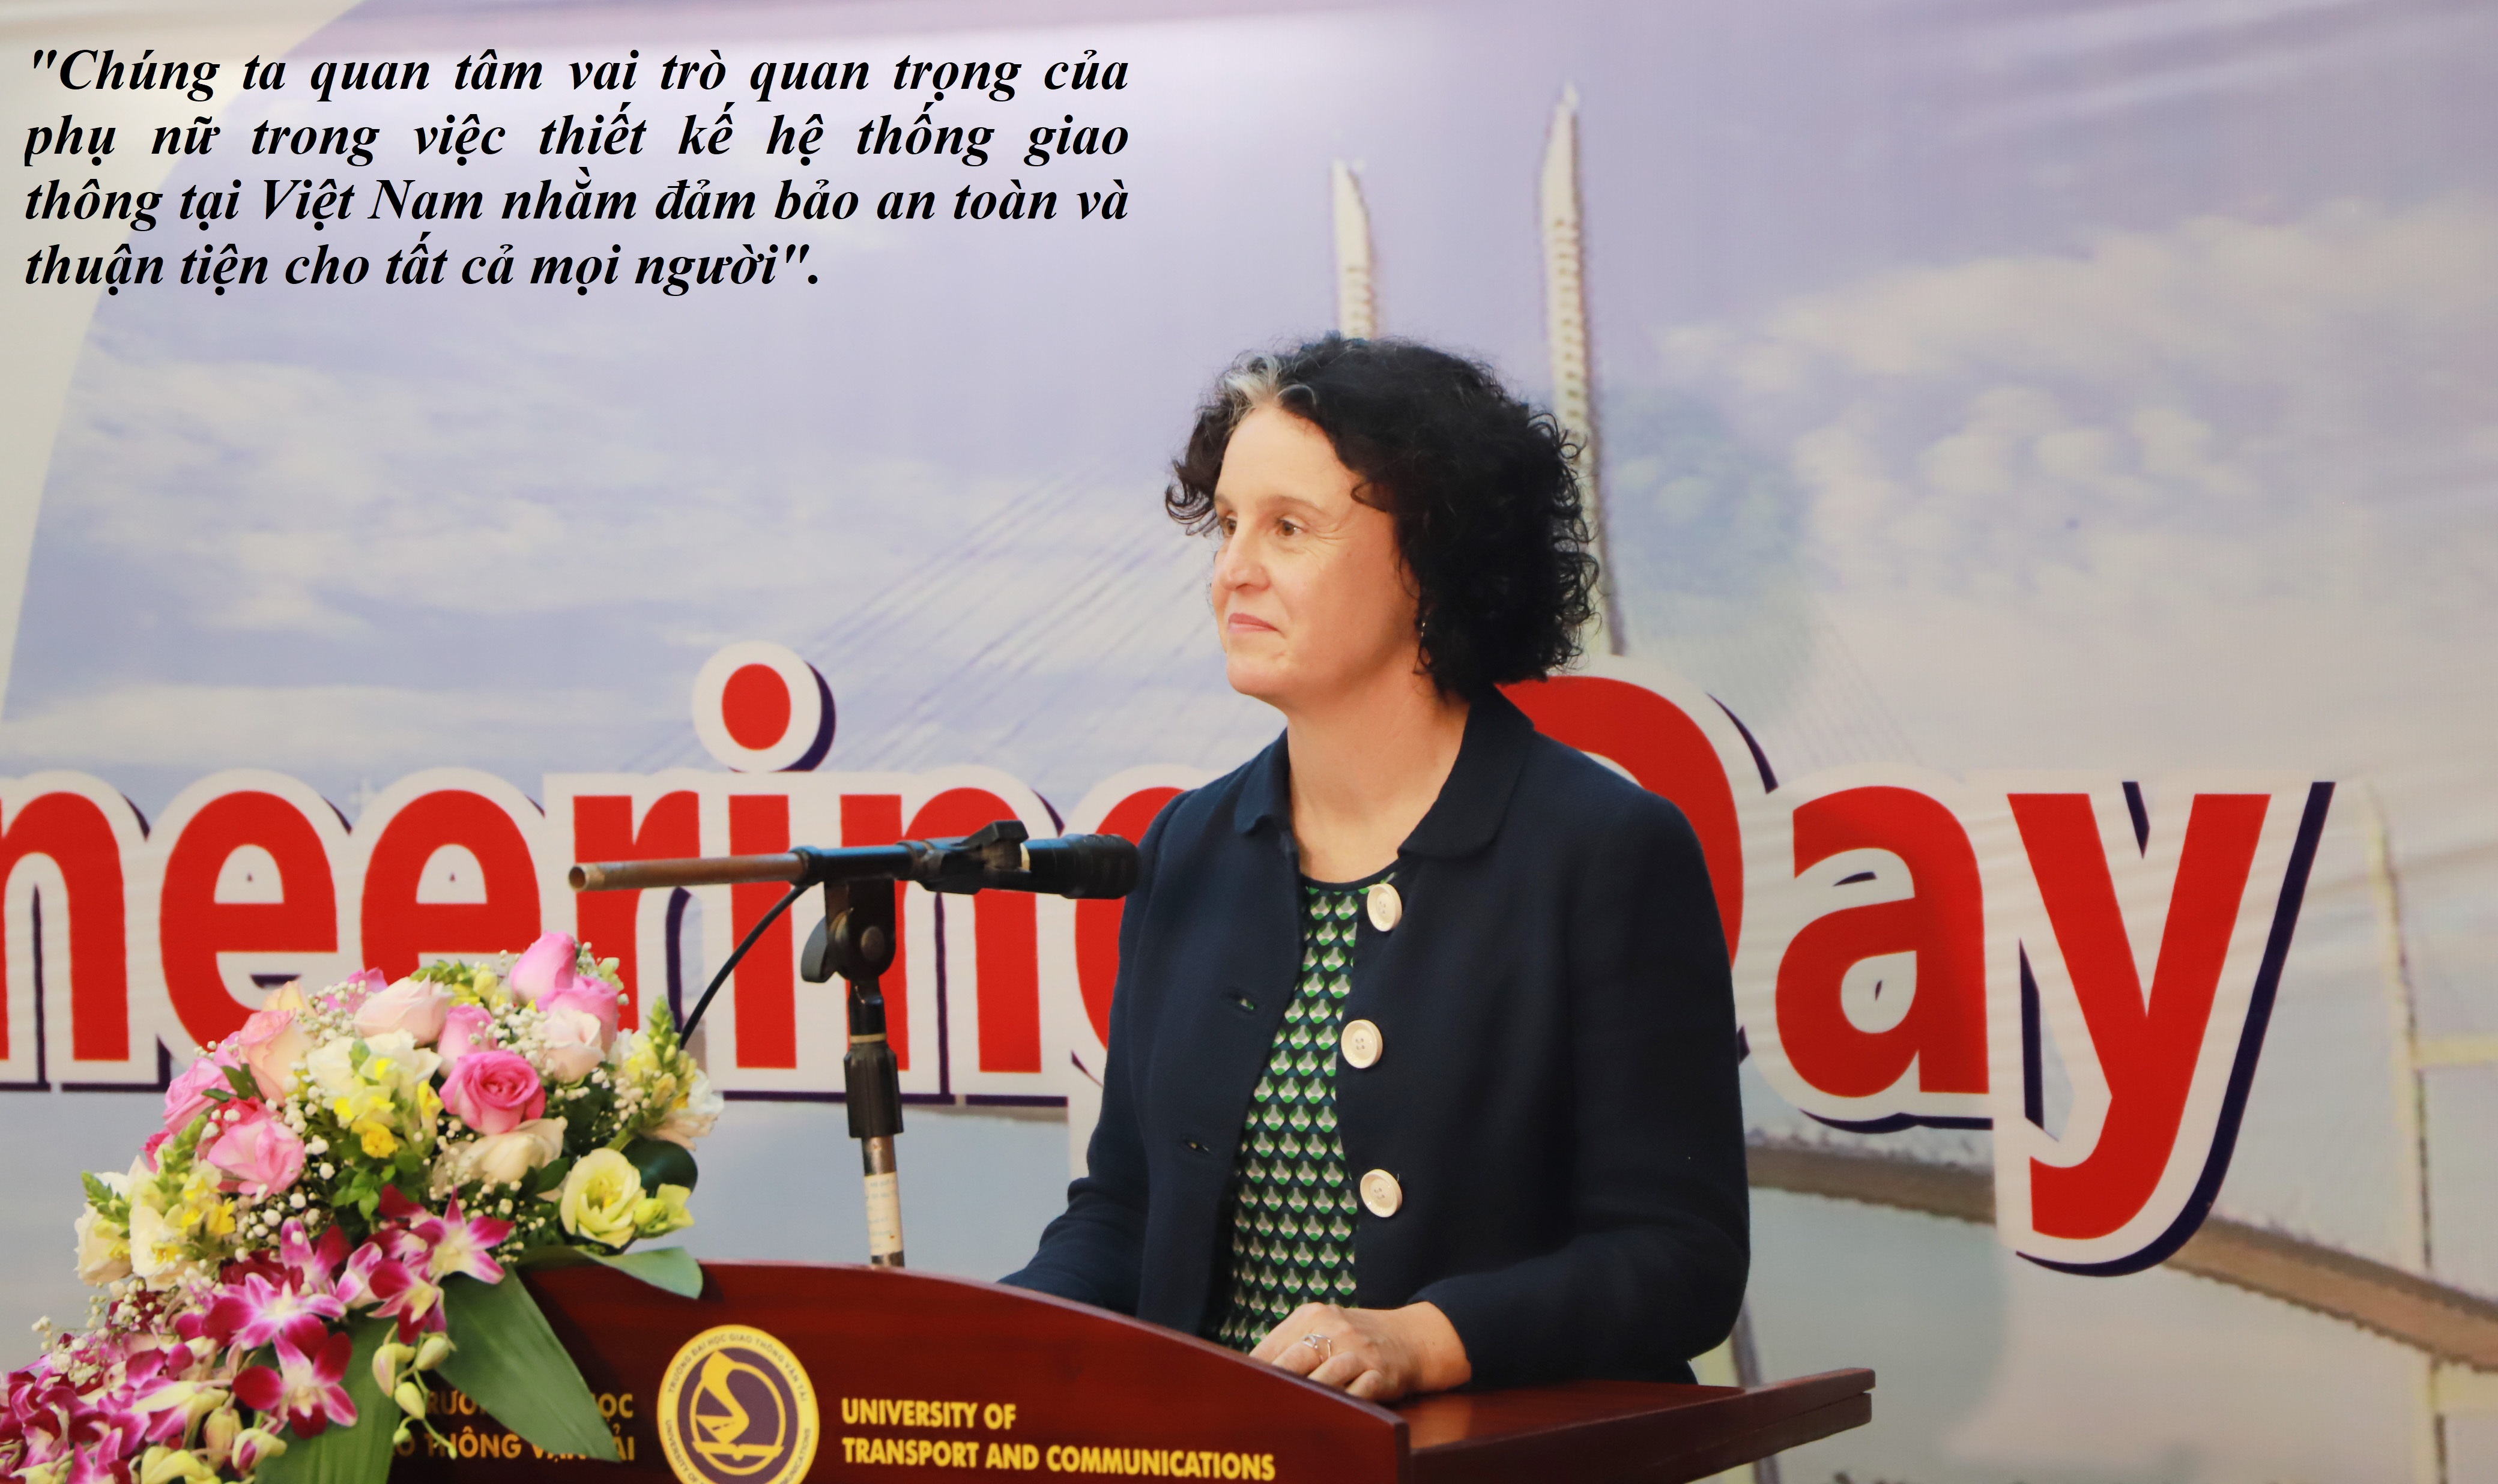 Nữ Phó Đại sứ và mối quan hệ Việt Nam – Australia bền chặt - Ảnh 4.